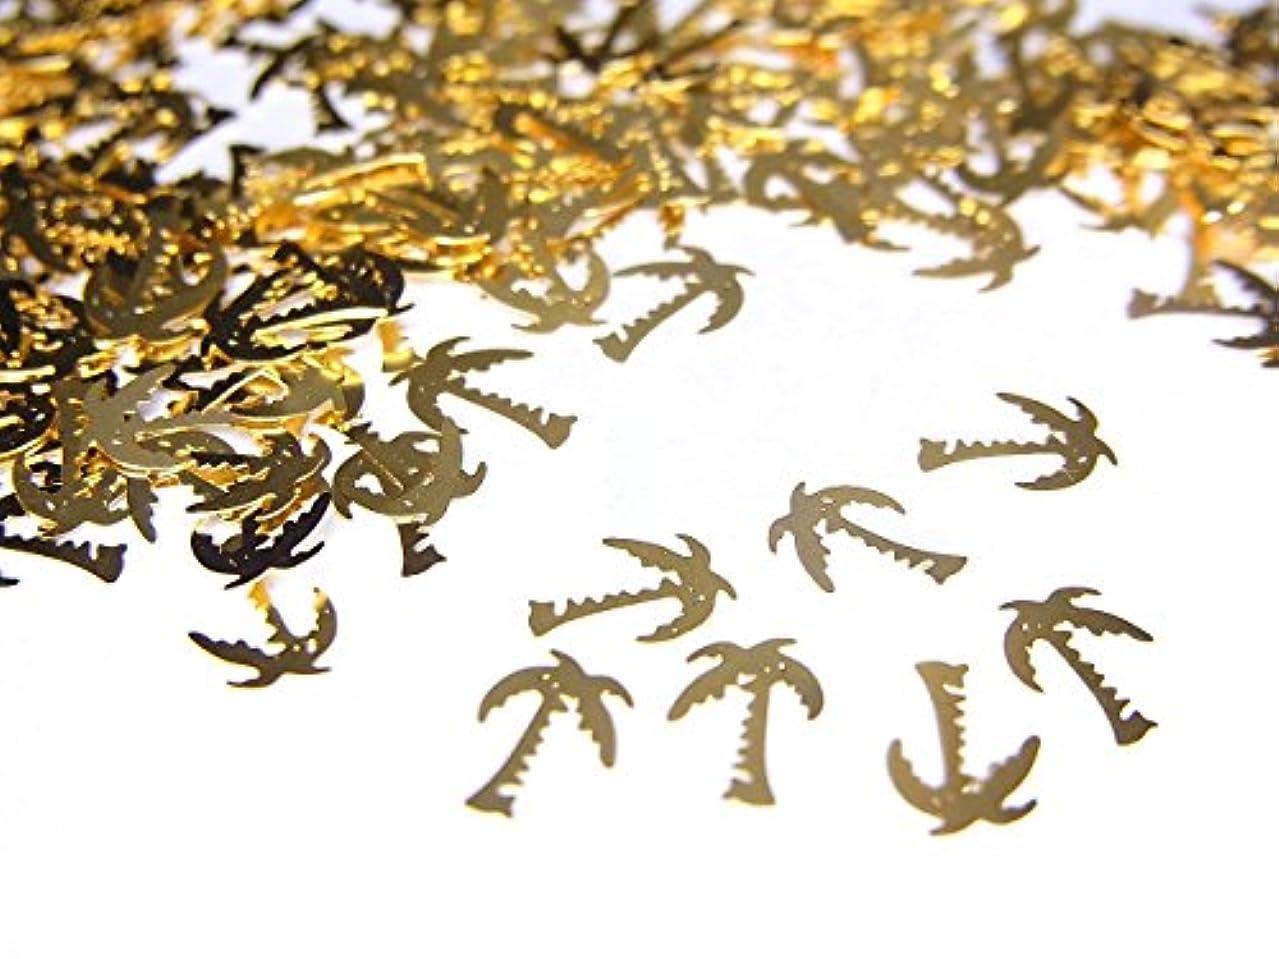 妊娠した学校教育促す【jewel】薄型ネイルパーツ ゴールド ヤシの木10個